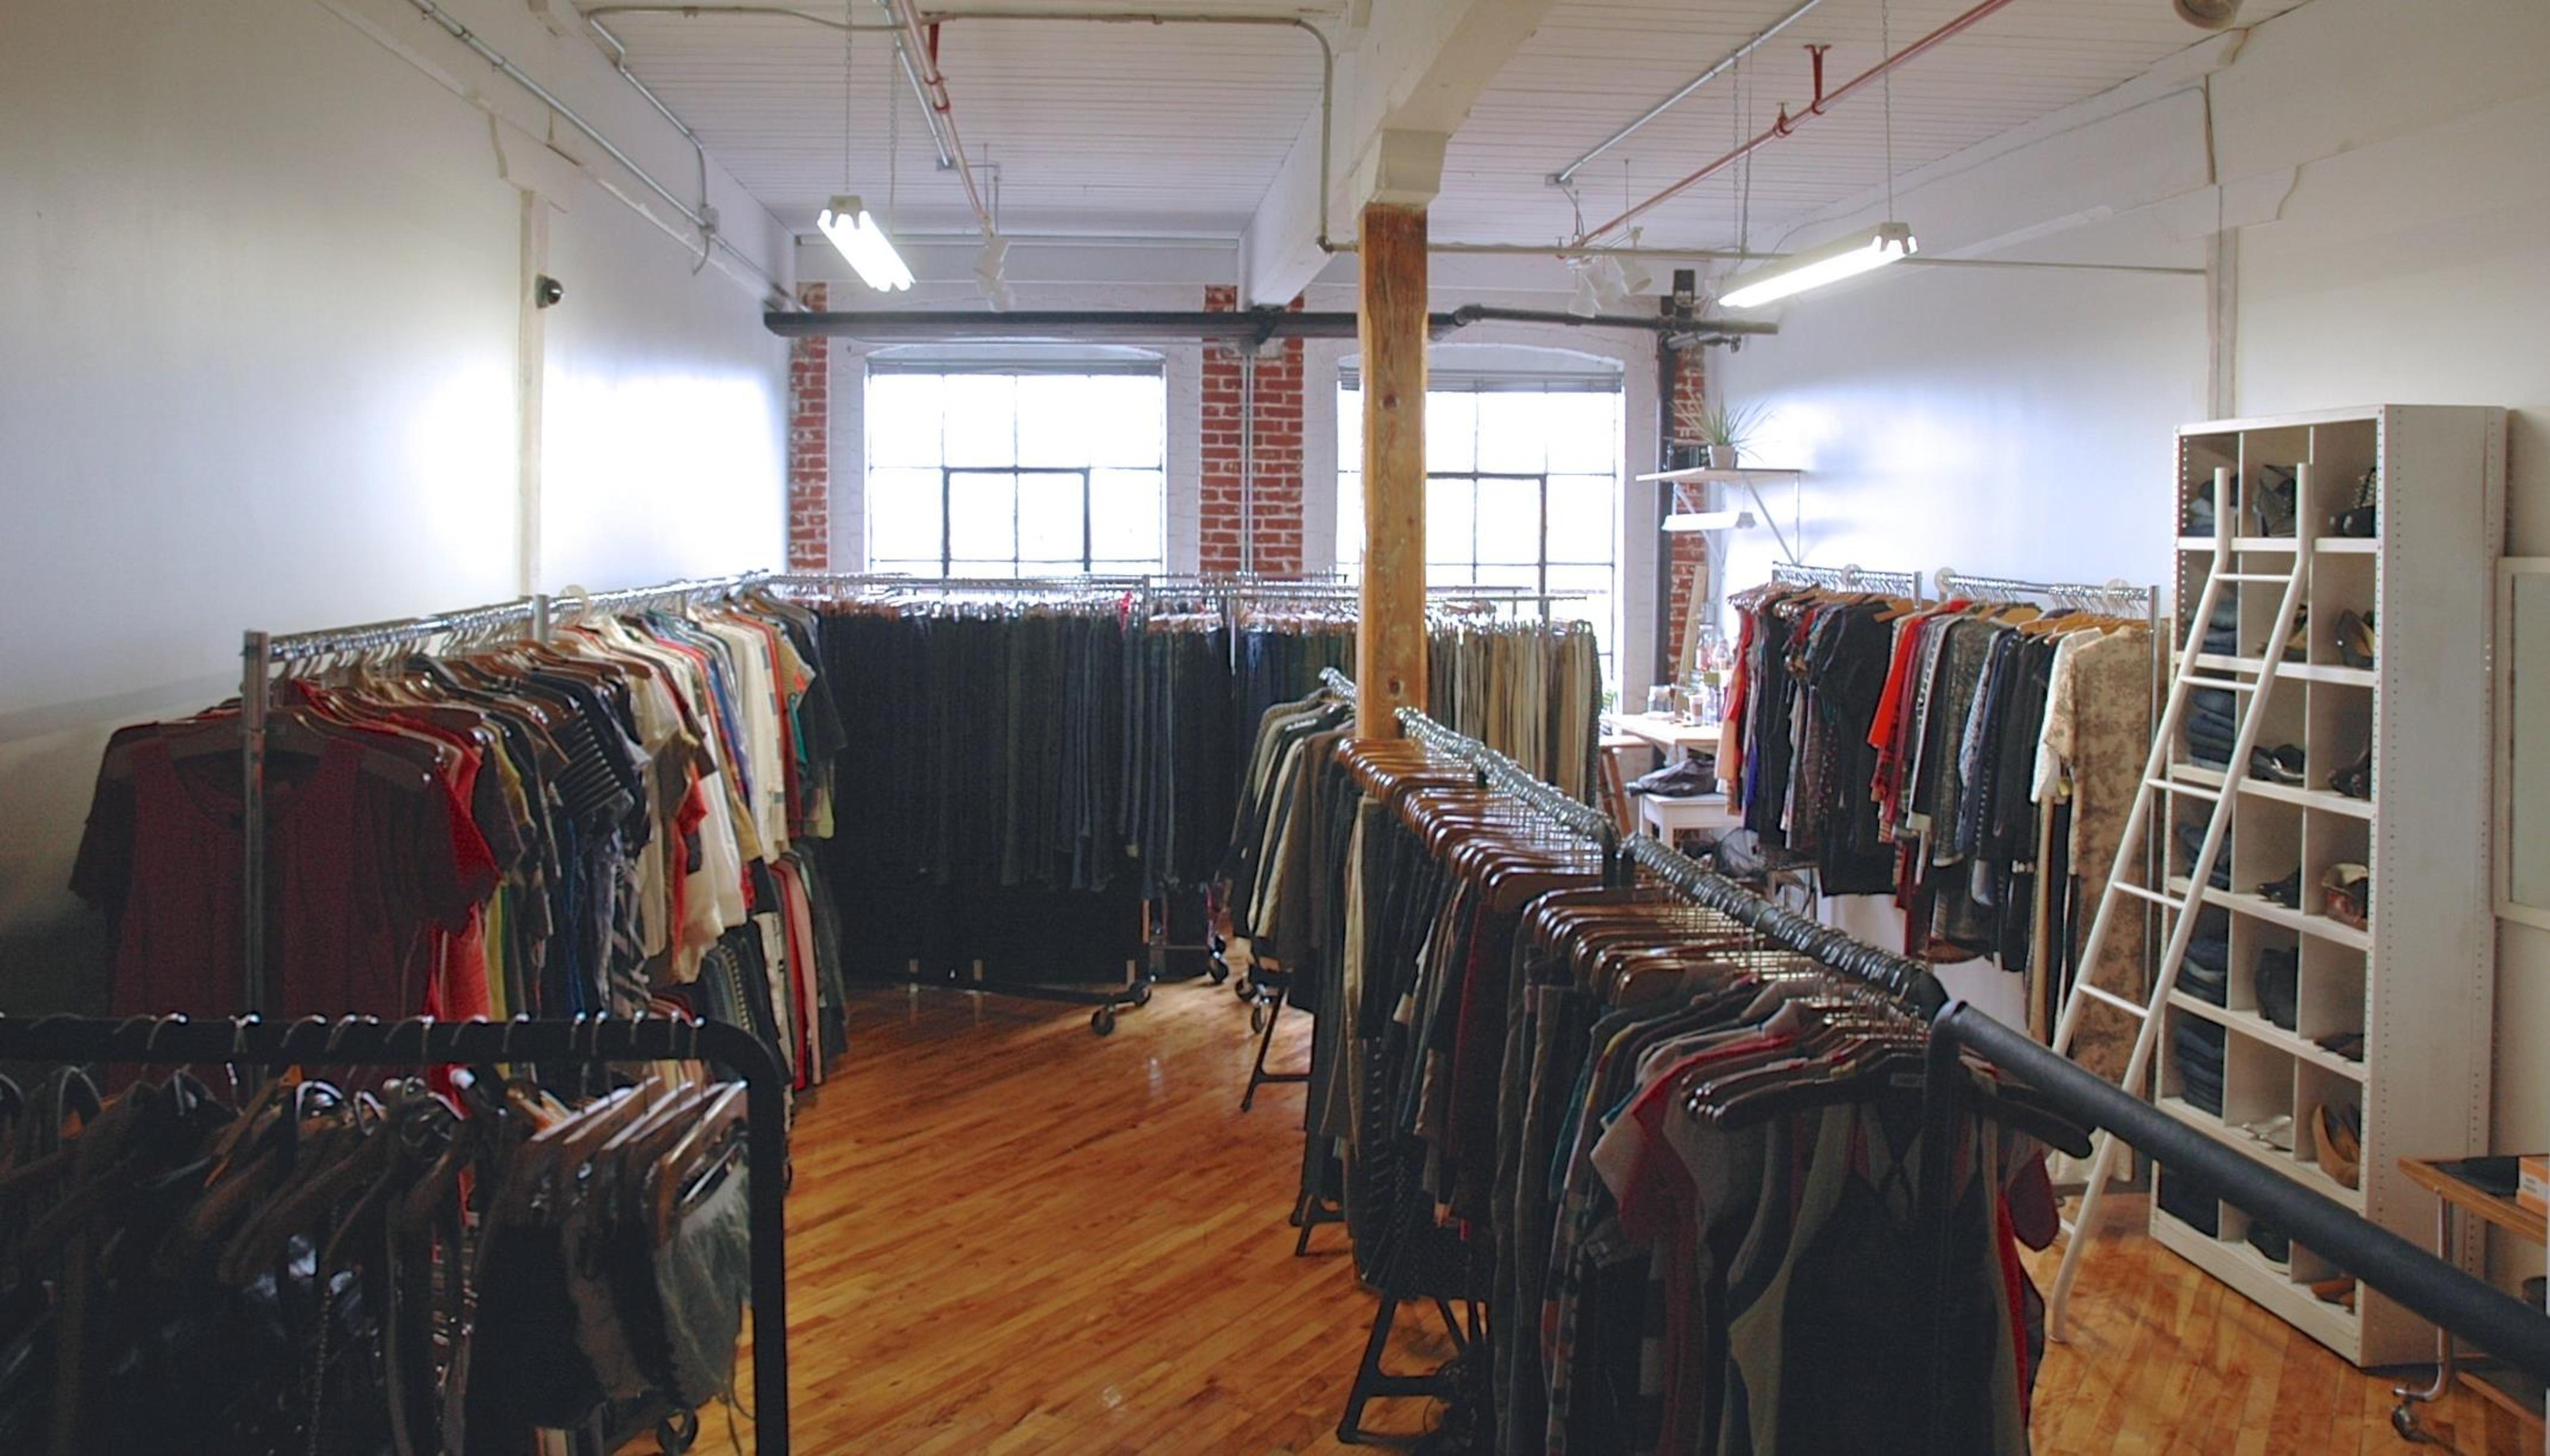 Un salle remplie de vêtements suspendus sur des cintres.